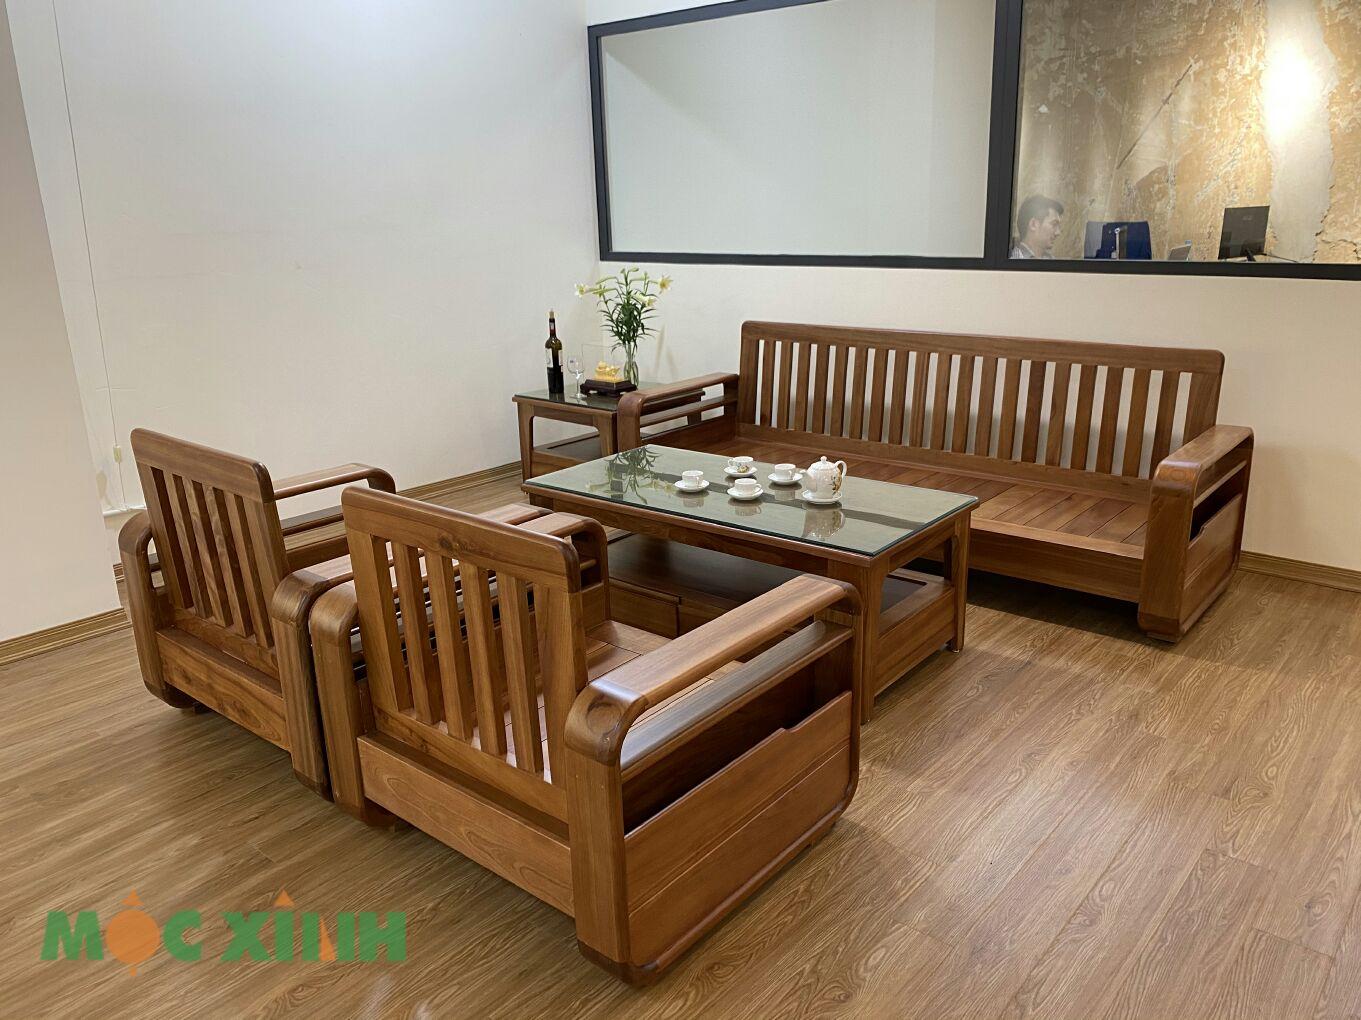 Tổng thể bộ bàn phòng khách bằng gỗ xoan đào